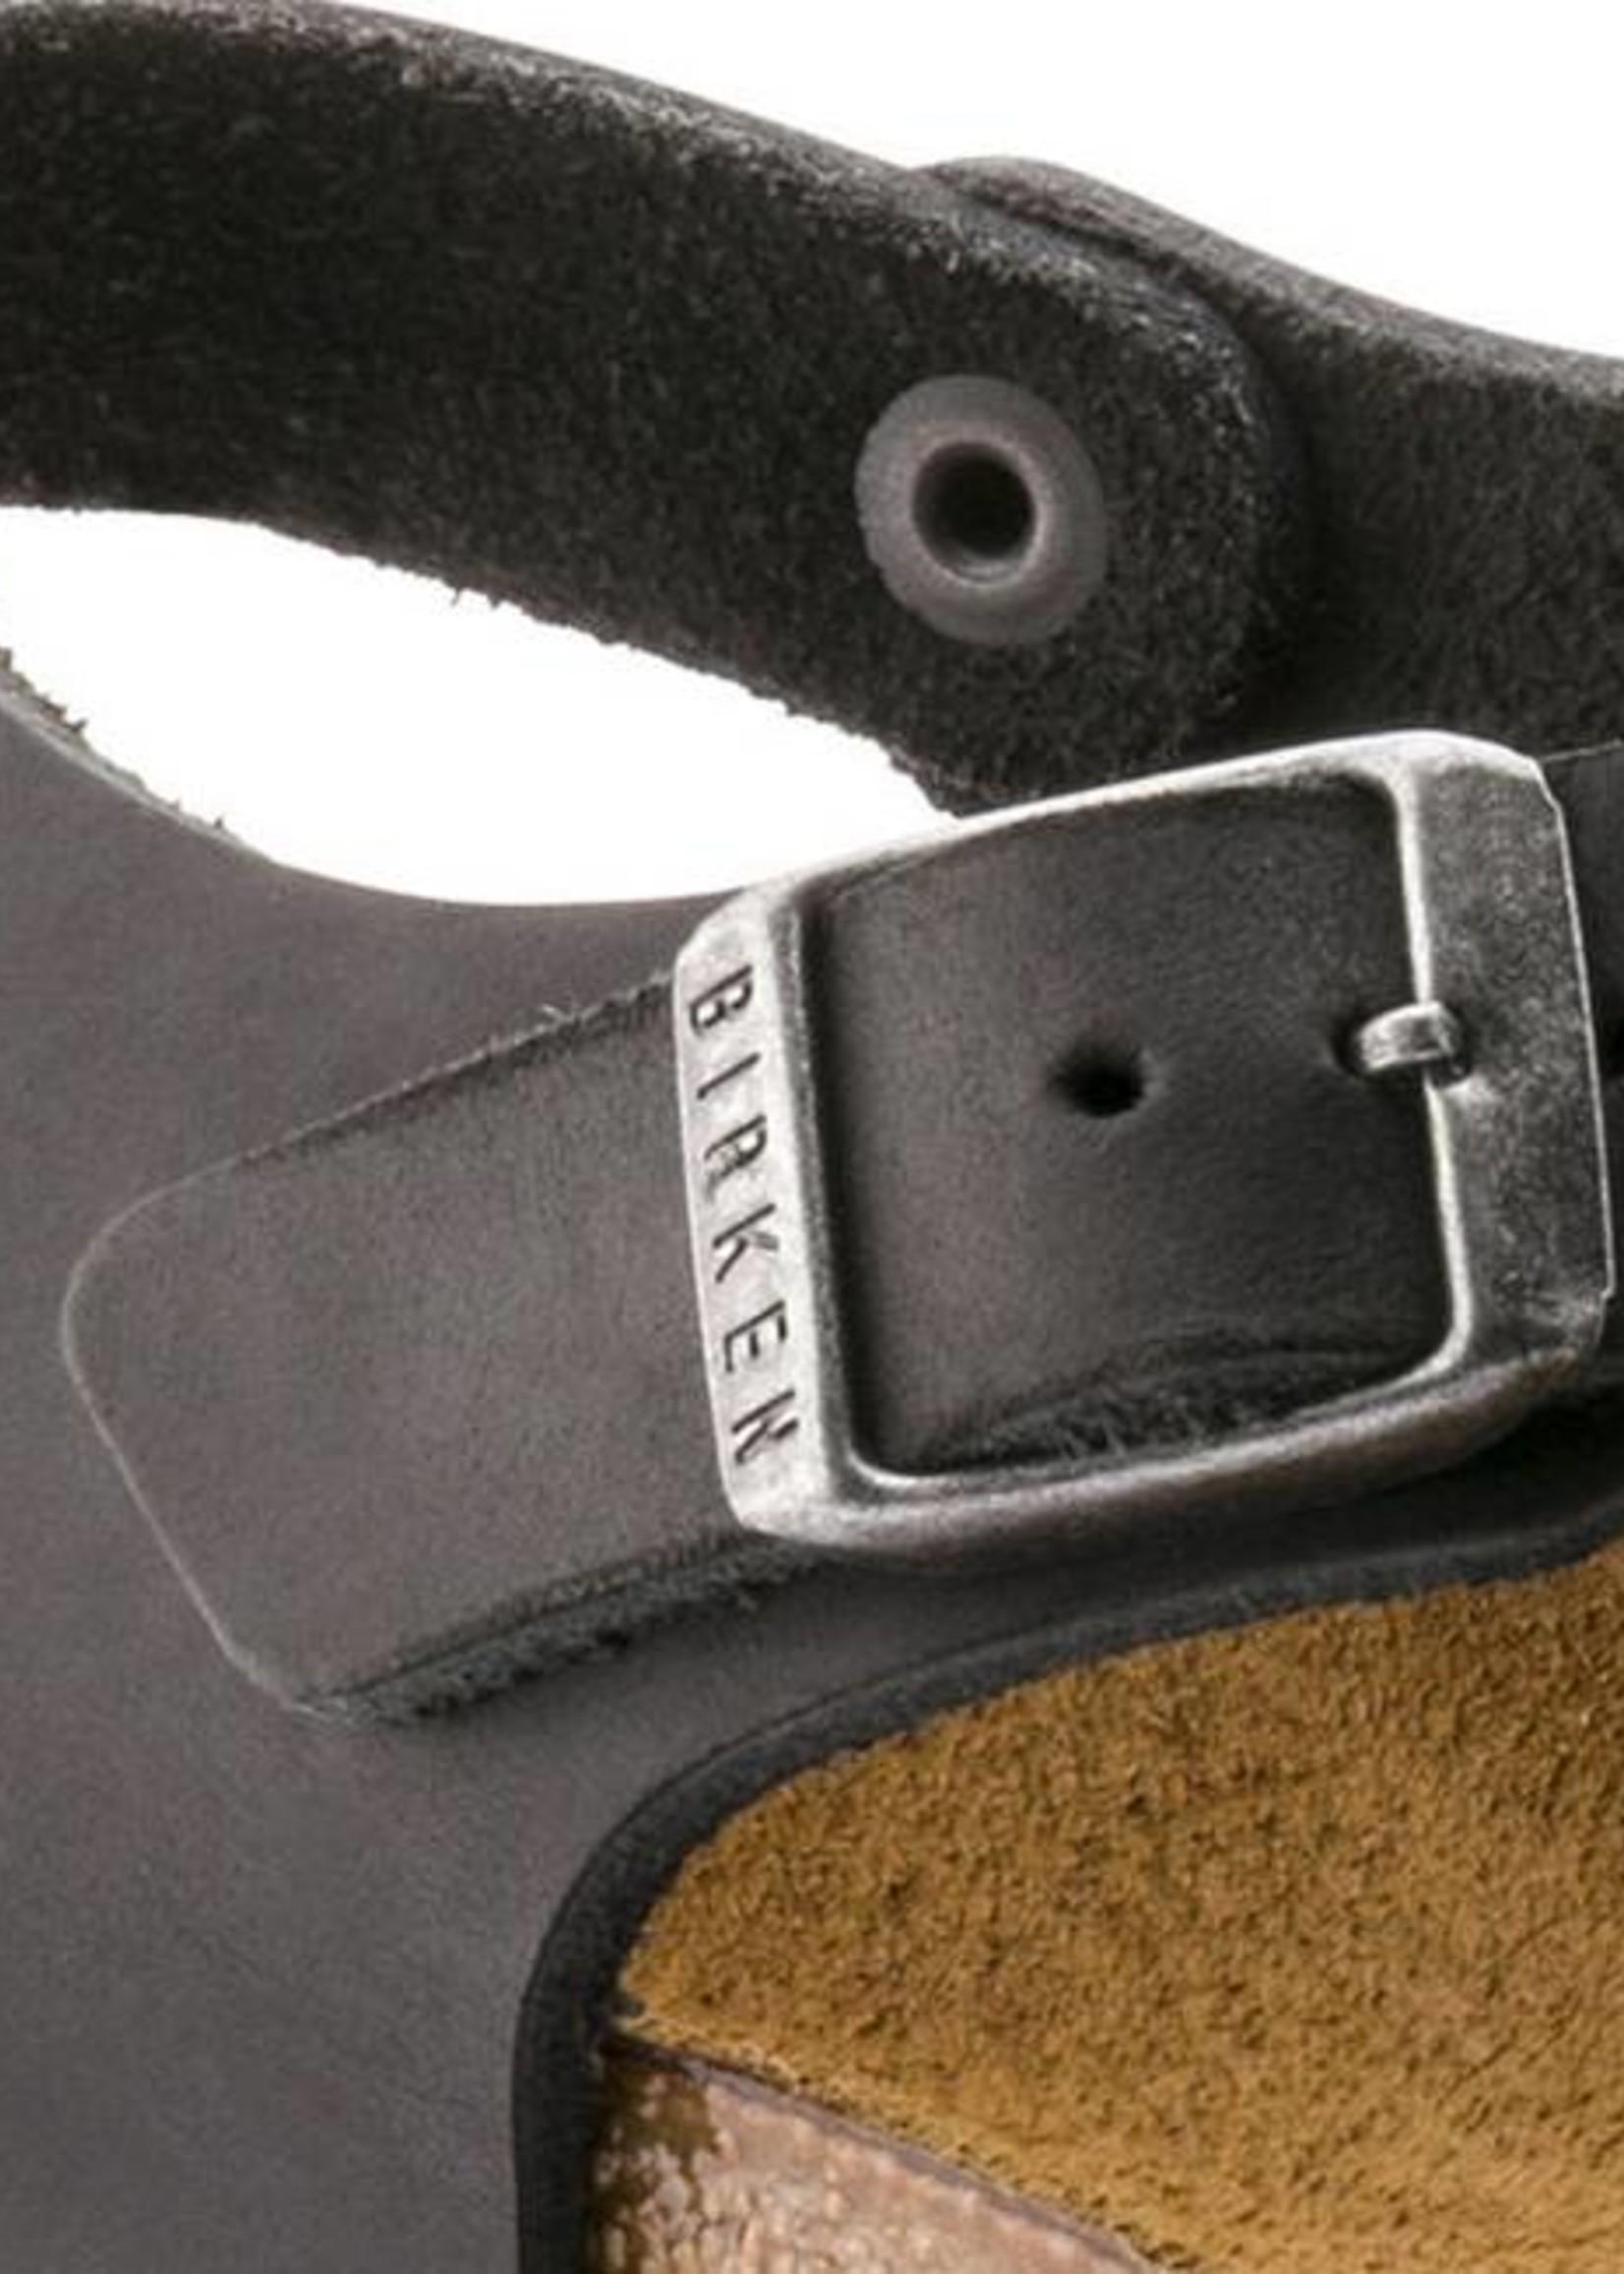 Birkenstock Kairo - Natural Leather in Black